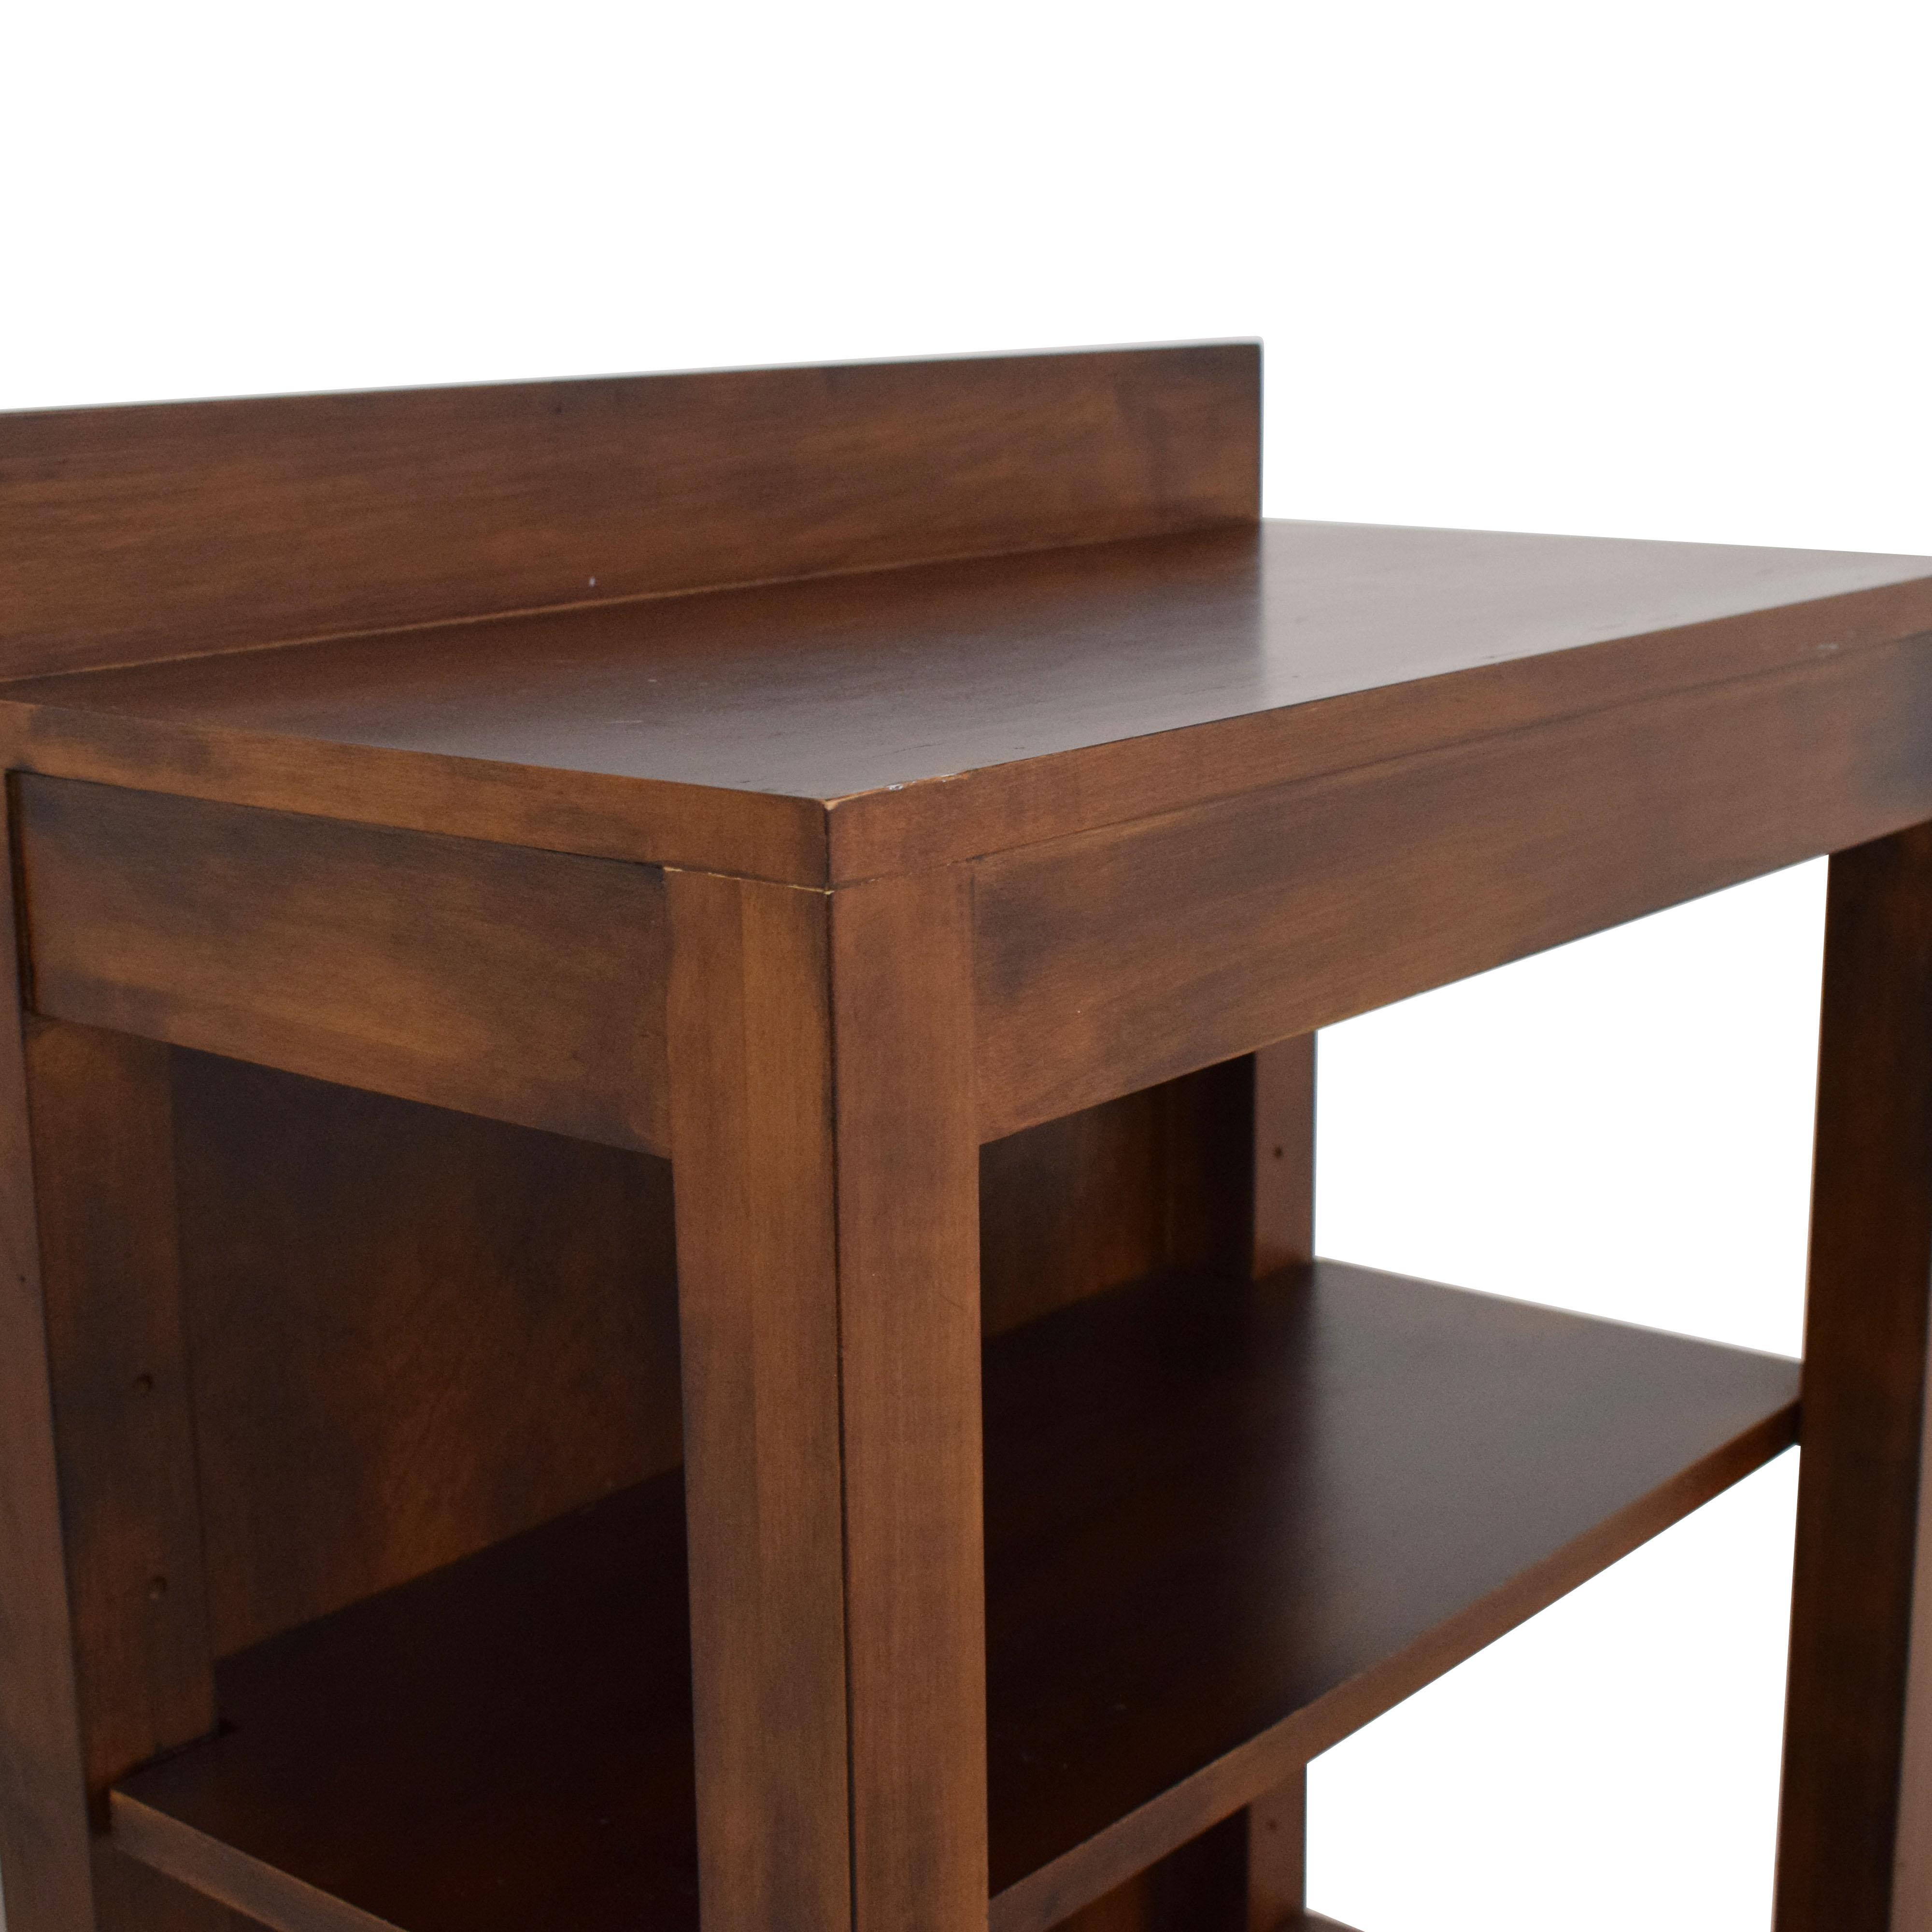 Romweber Romweber by Jim Peed Modern Bookcase ma